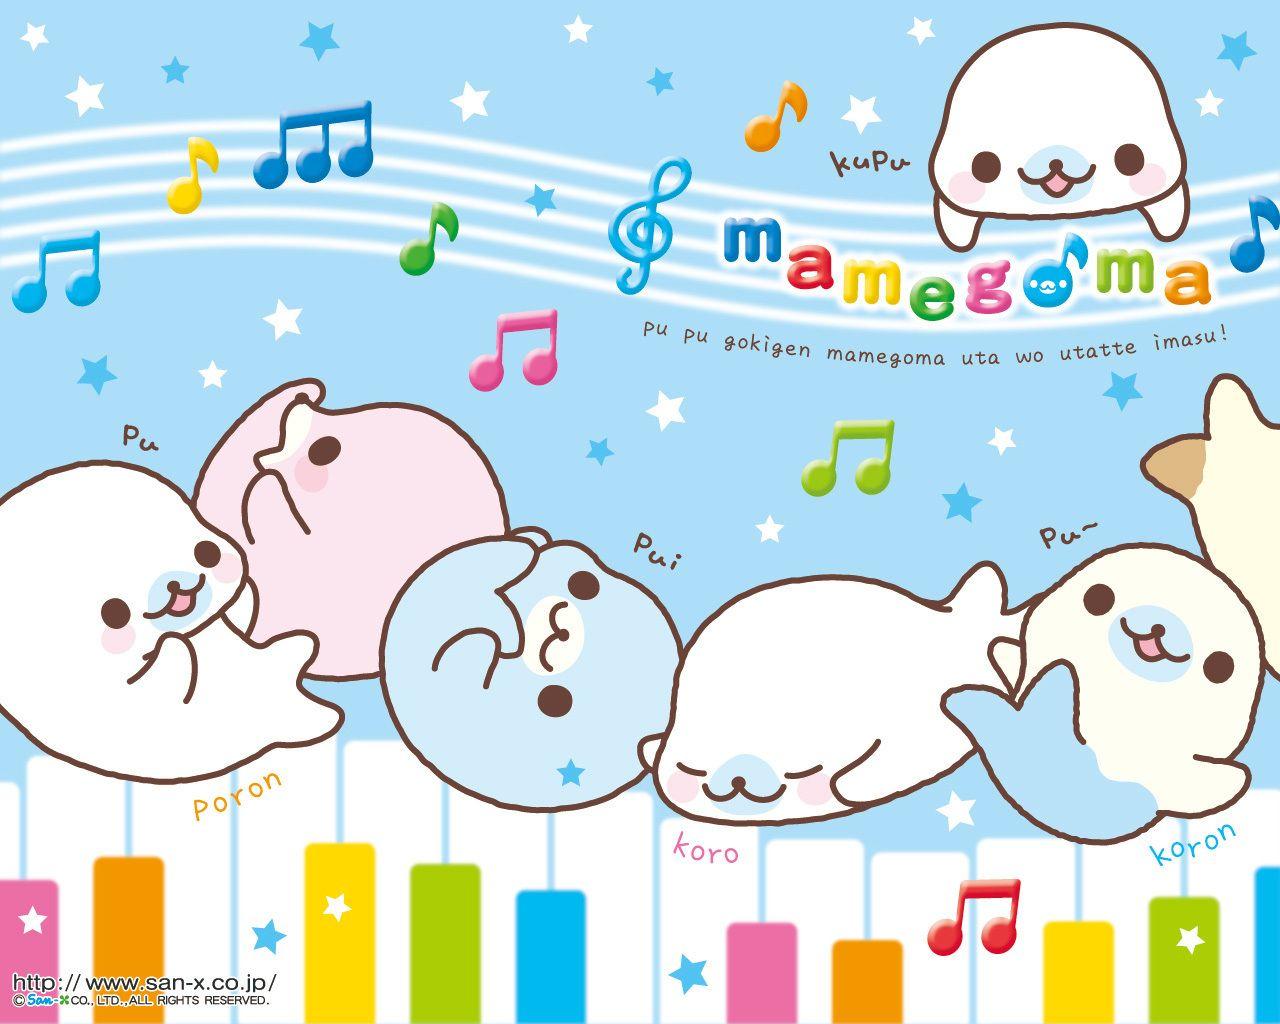 Great Wallpaper Music Kawaii - 9f4d8e47ba224afe8f28af974c2ea924  Image_563839.jpg